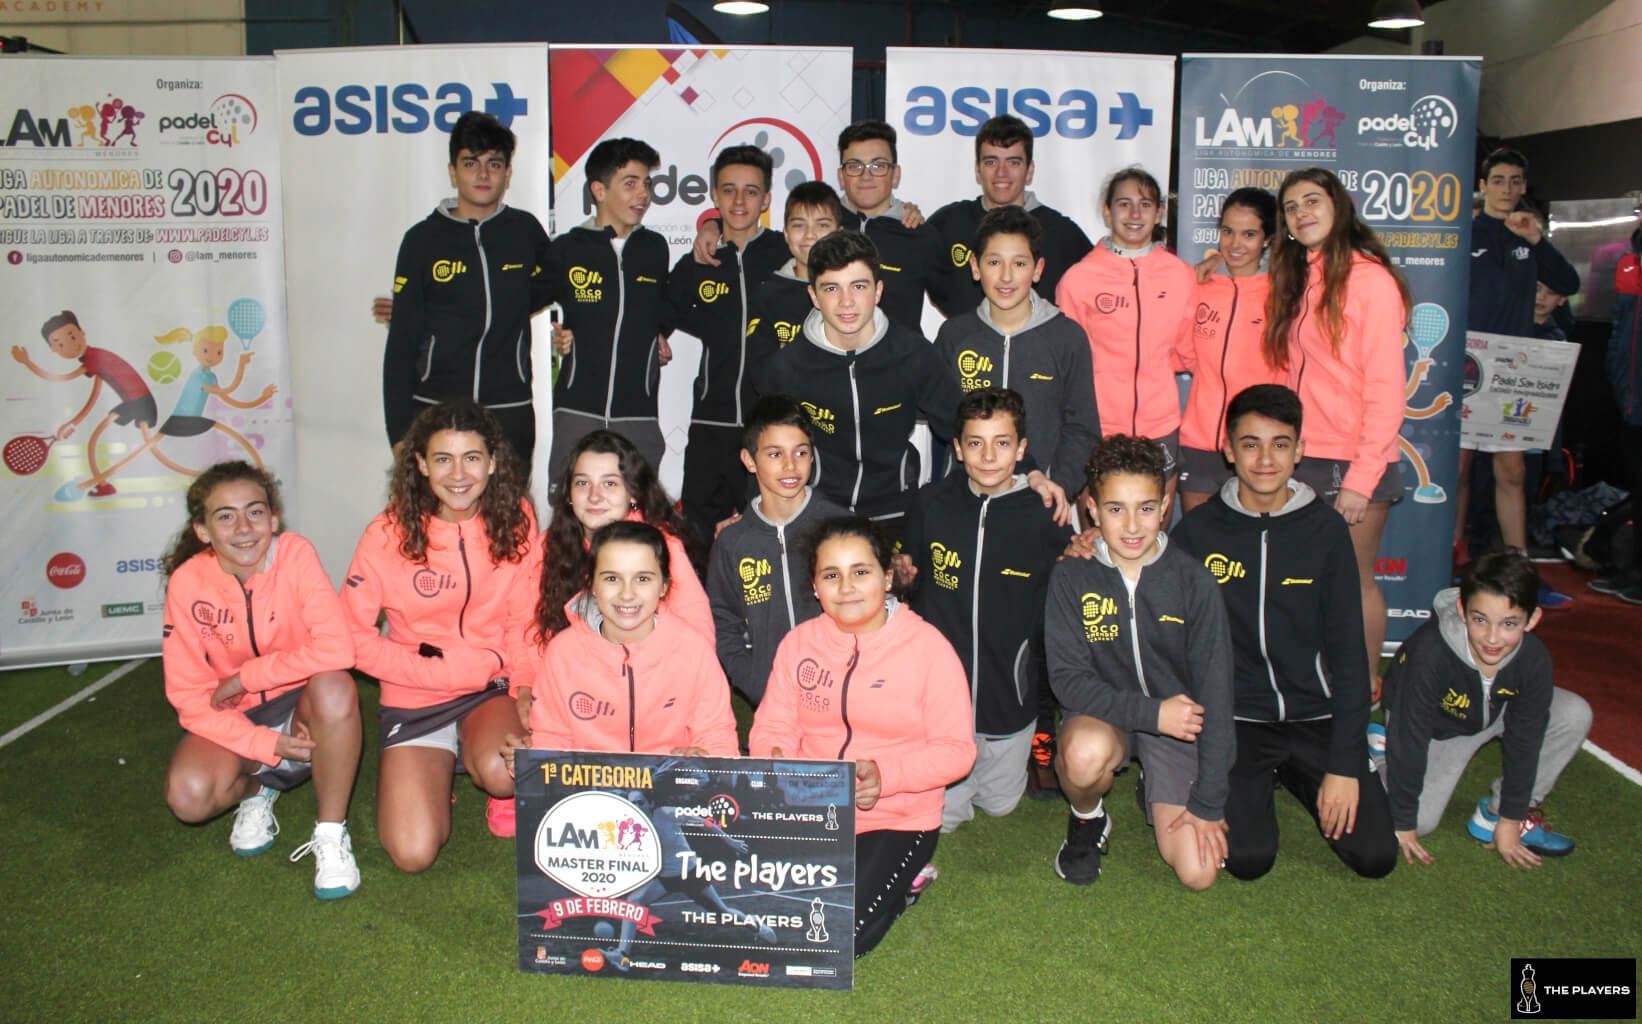 Master Final Liga Autonómica de Menores (LAM)